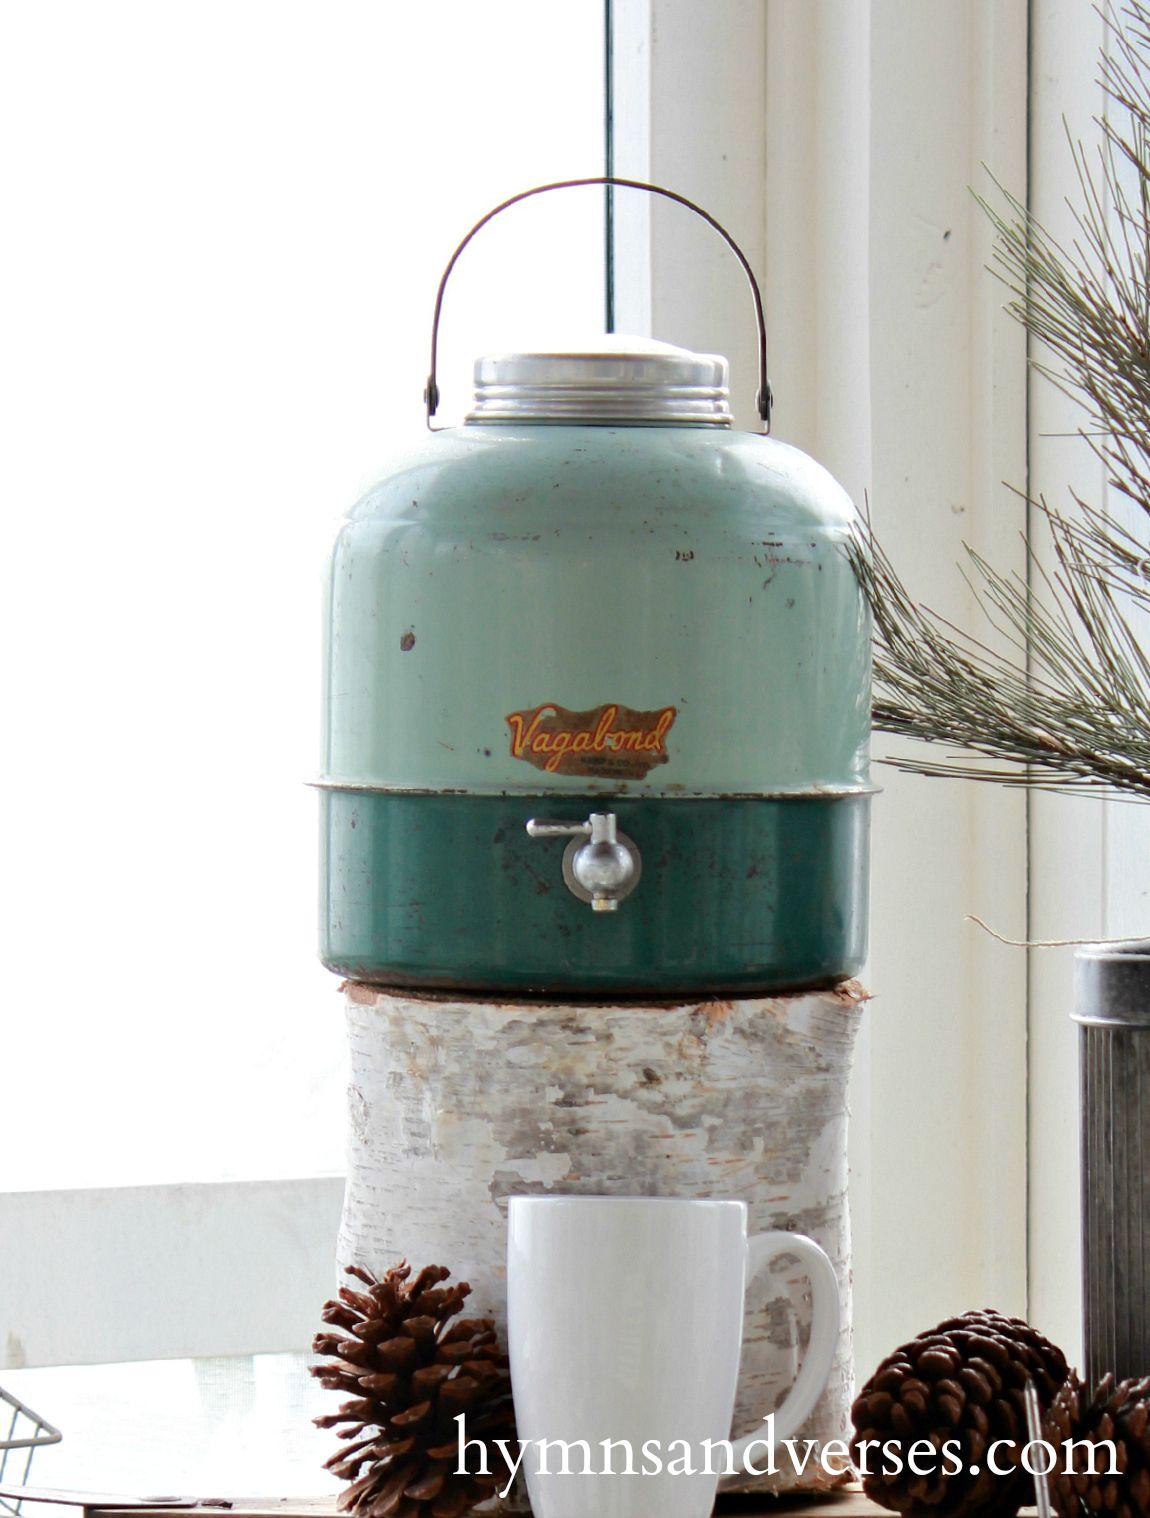 Vagabond Vintage Cooler